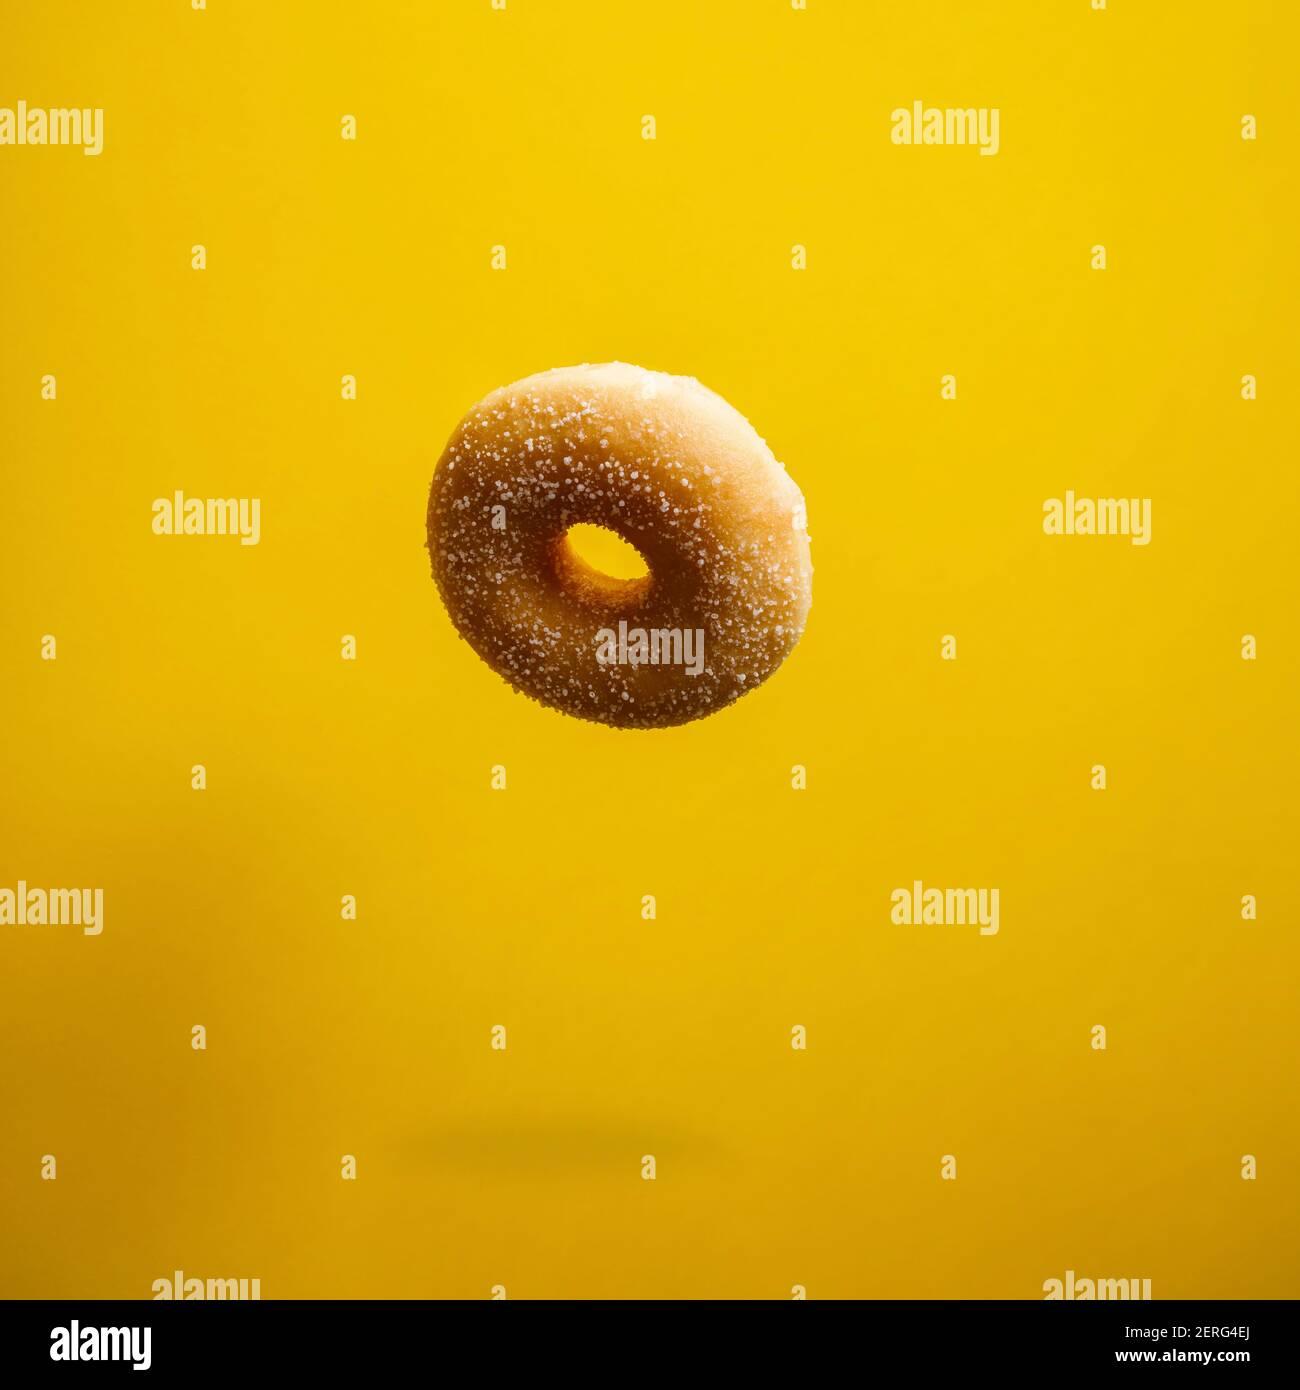 Sugar donut dans motion relevant sur yelloy arrière-plan. Beignets sucrés et colorés en mouvement qui tombent ou qui volent. Banque D'Images